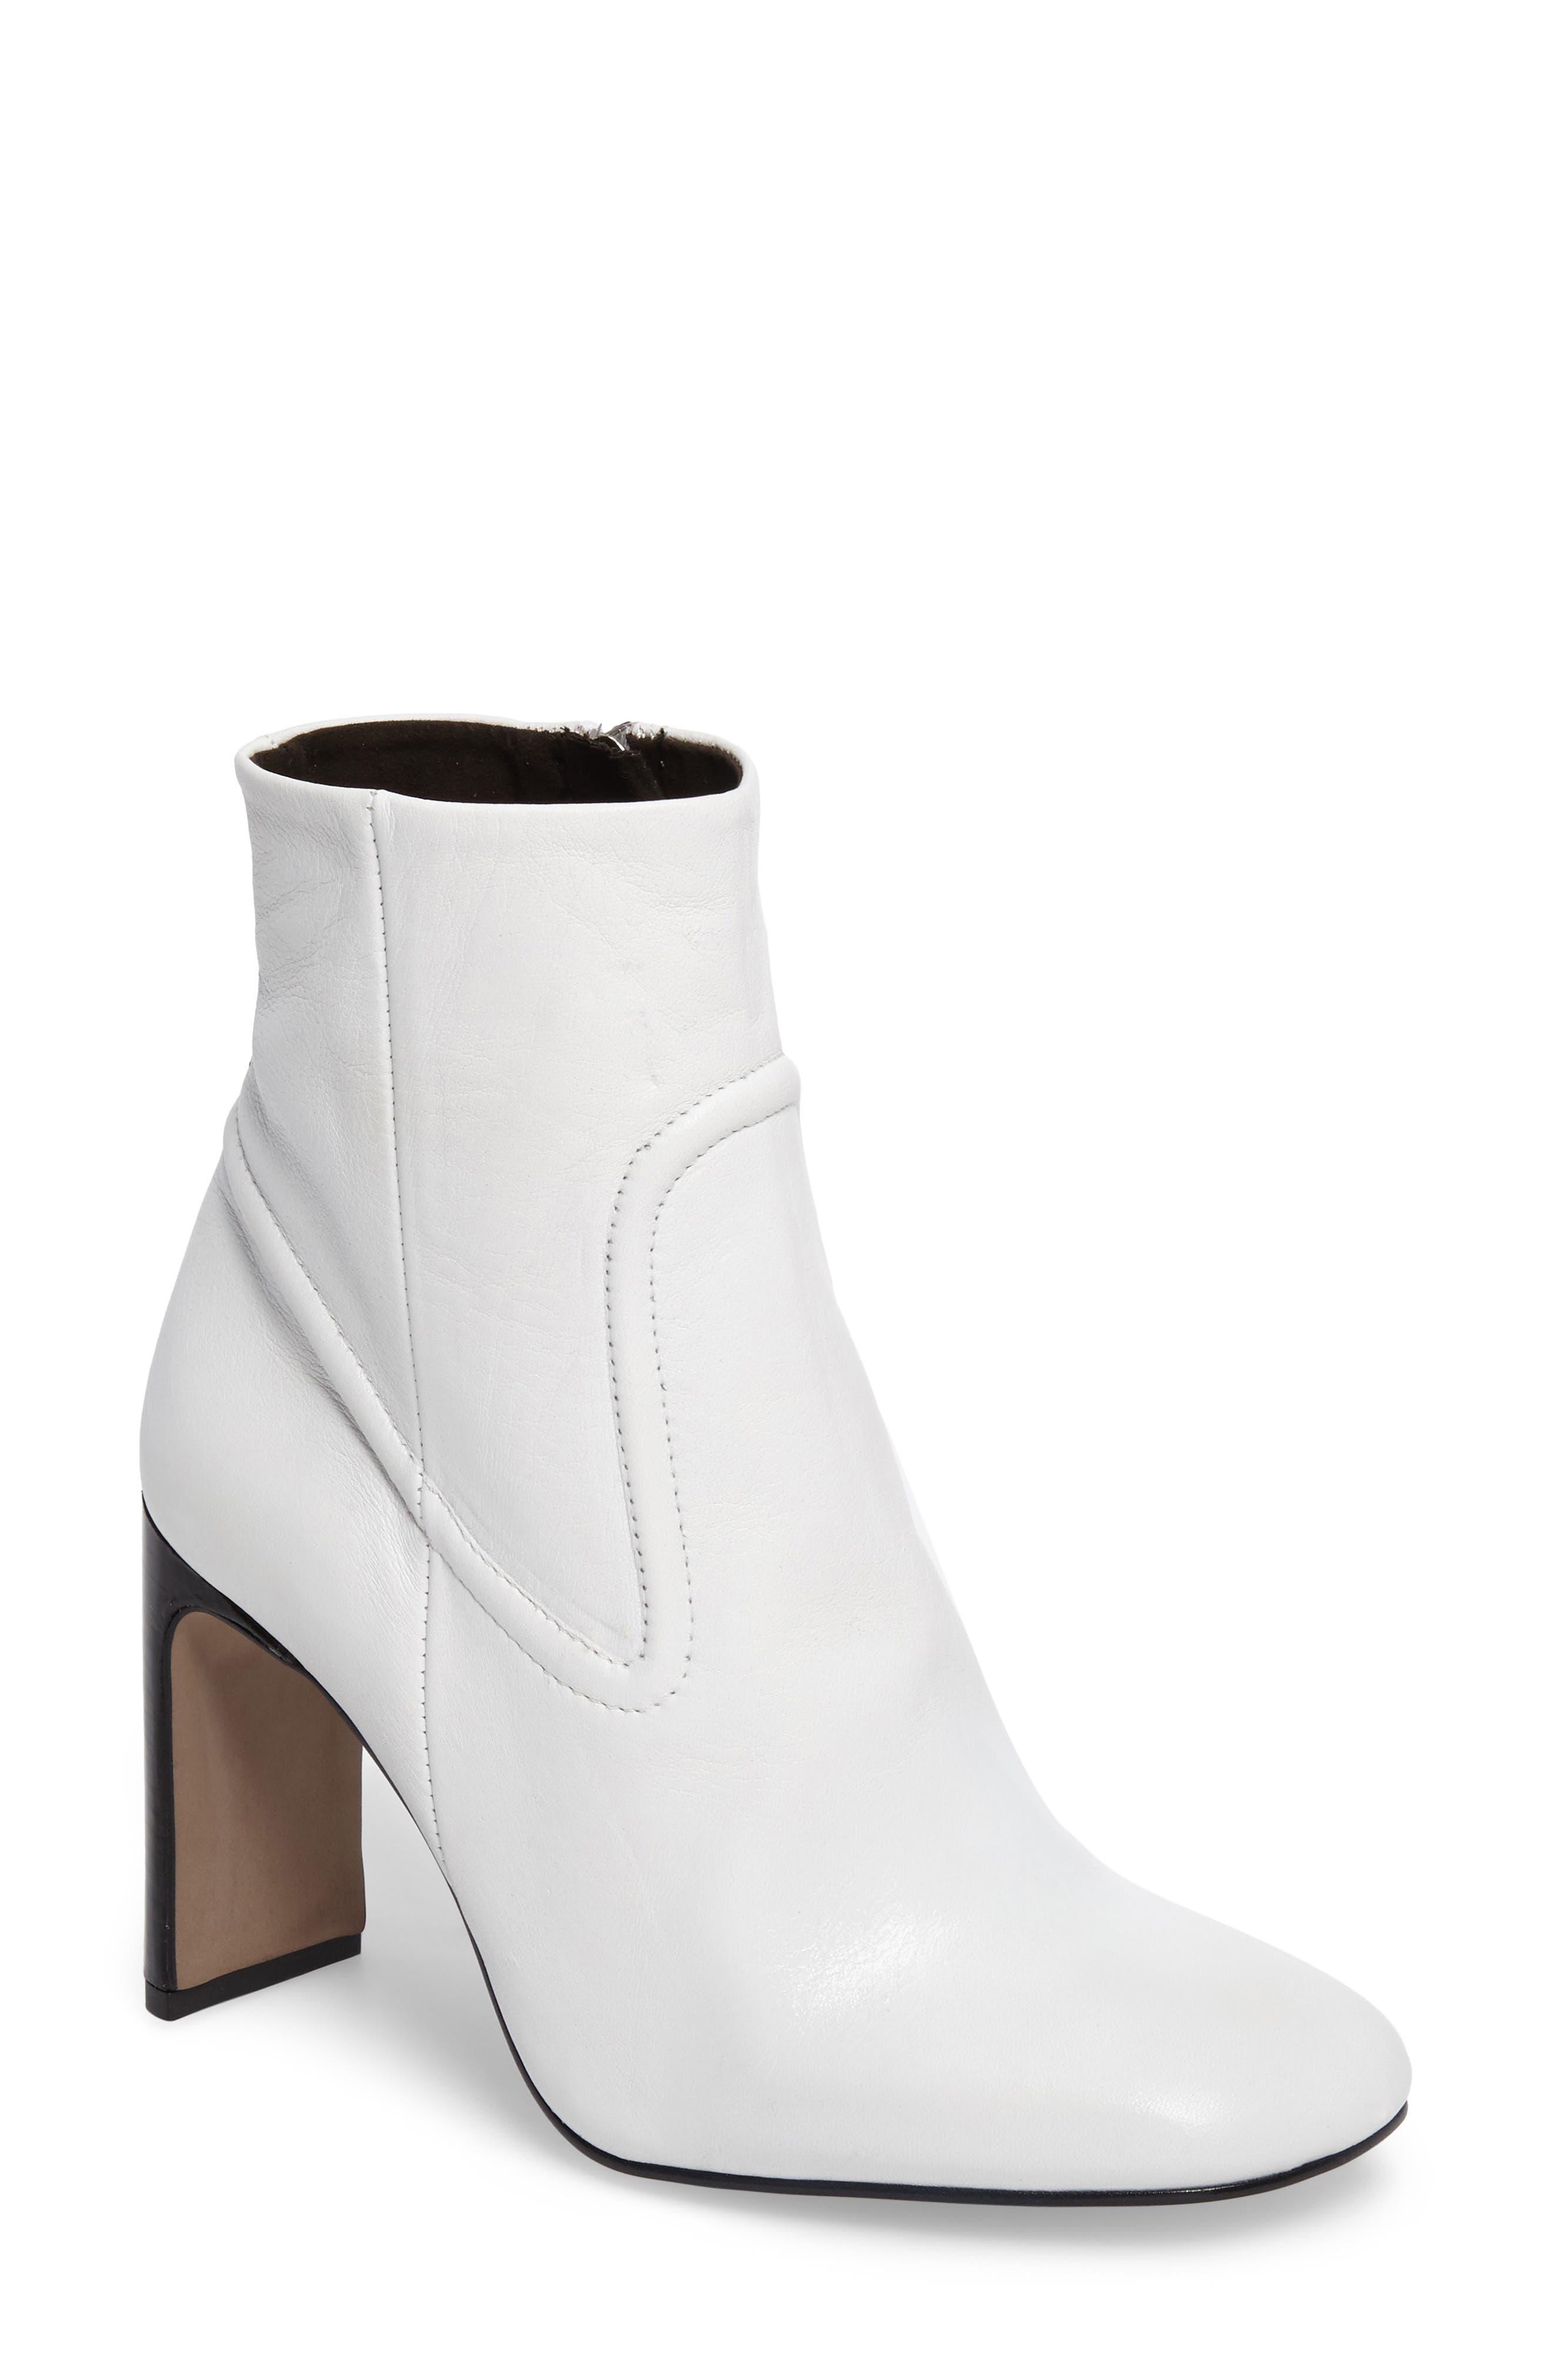 Honeydew Flat Heel Bootie,                         Main,                         color, White